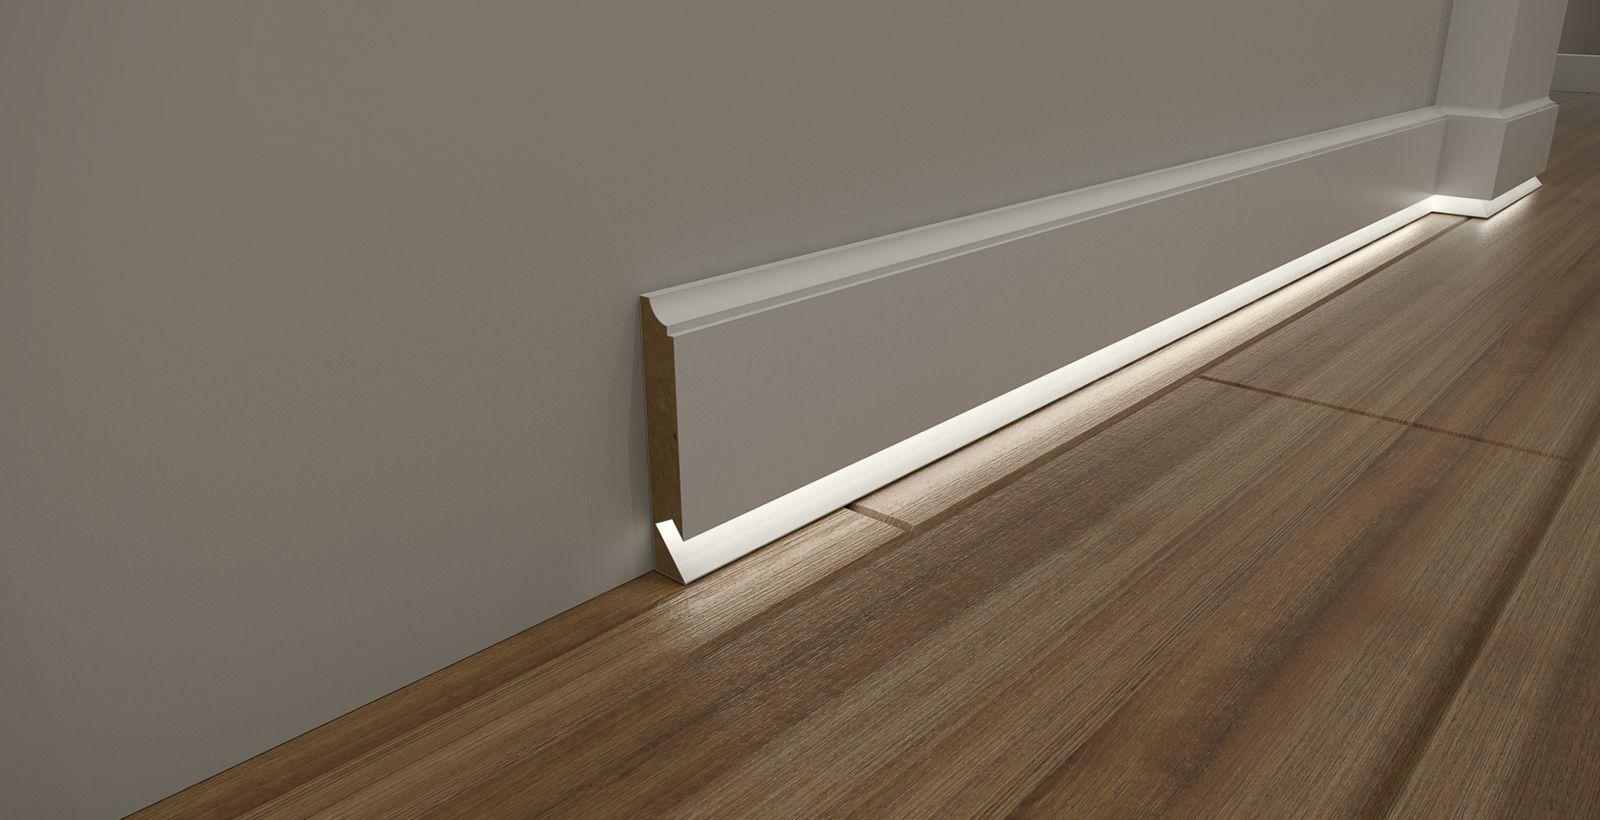 Cokoly Przypodlogowe Led Listwy Wykonczeniowe Mdf Biale Modernlightingdesign Sklep Interne Home Lighting Design Lighting Design Interior Ceiling Light Design